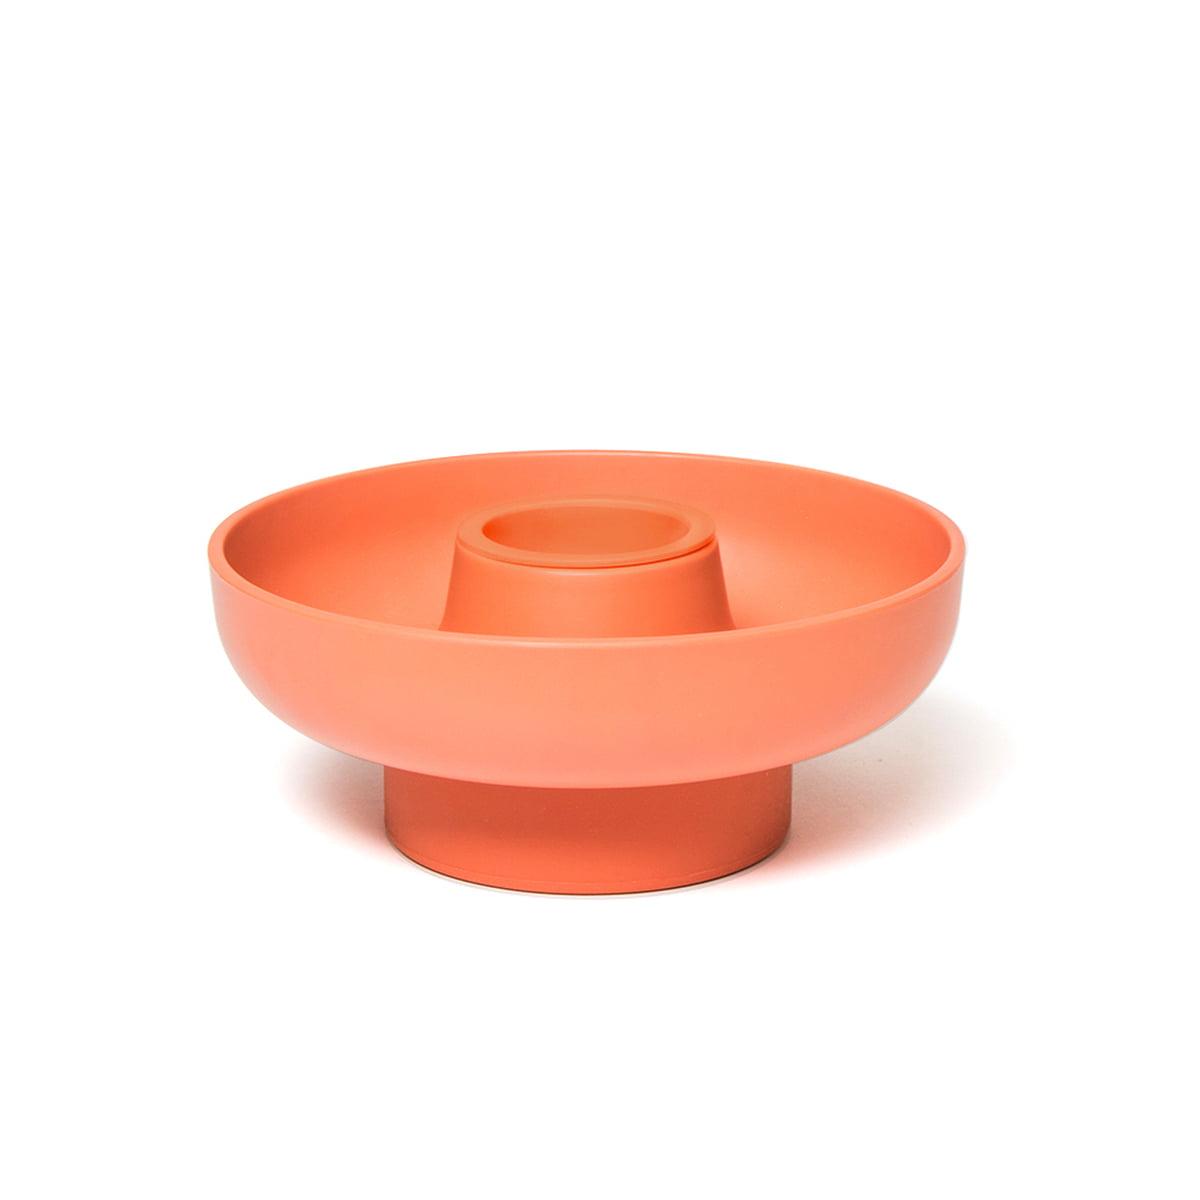 Ommo - Hoop Servierschale 3-teilig, paprika | Küche und Esszimmer > Besteck und Geschirr > Geschirr | Paprika | Melamin -  silicone -  bpa frei | Ommo